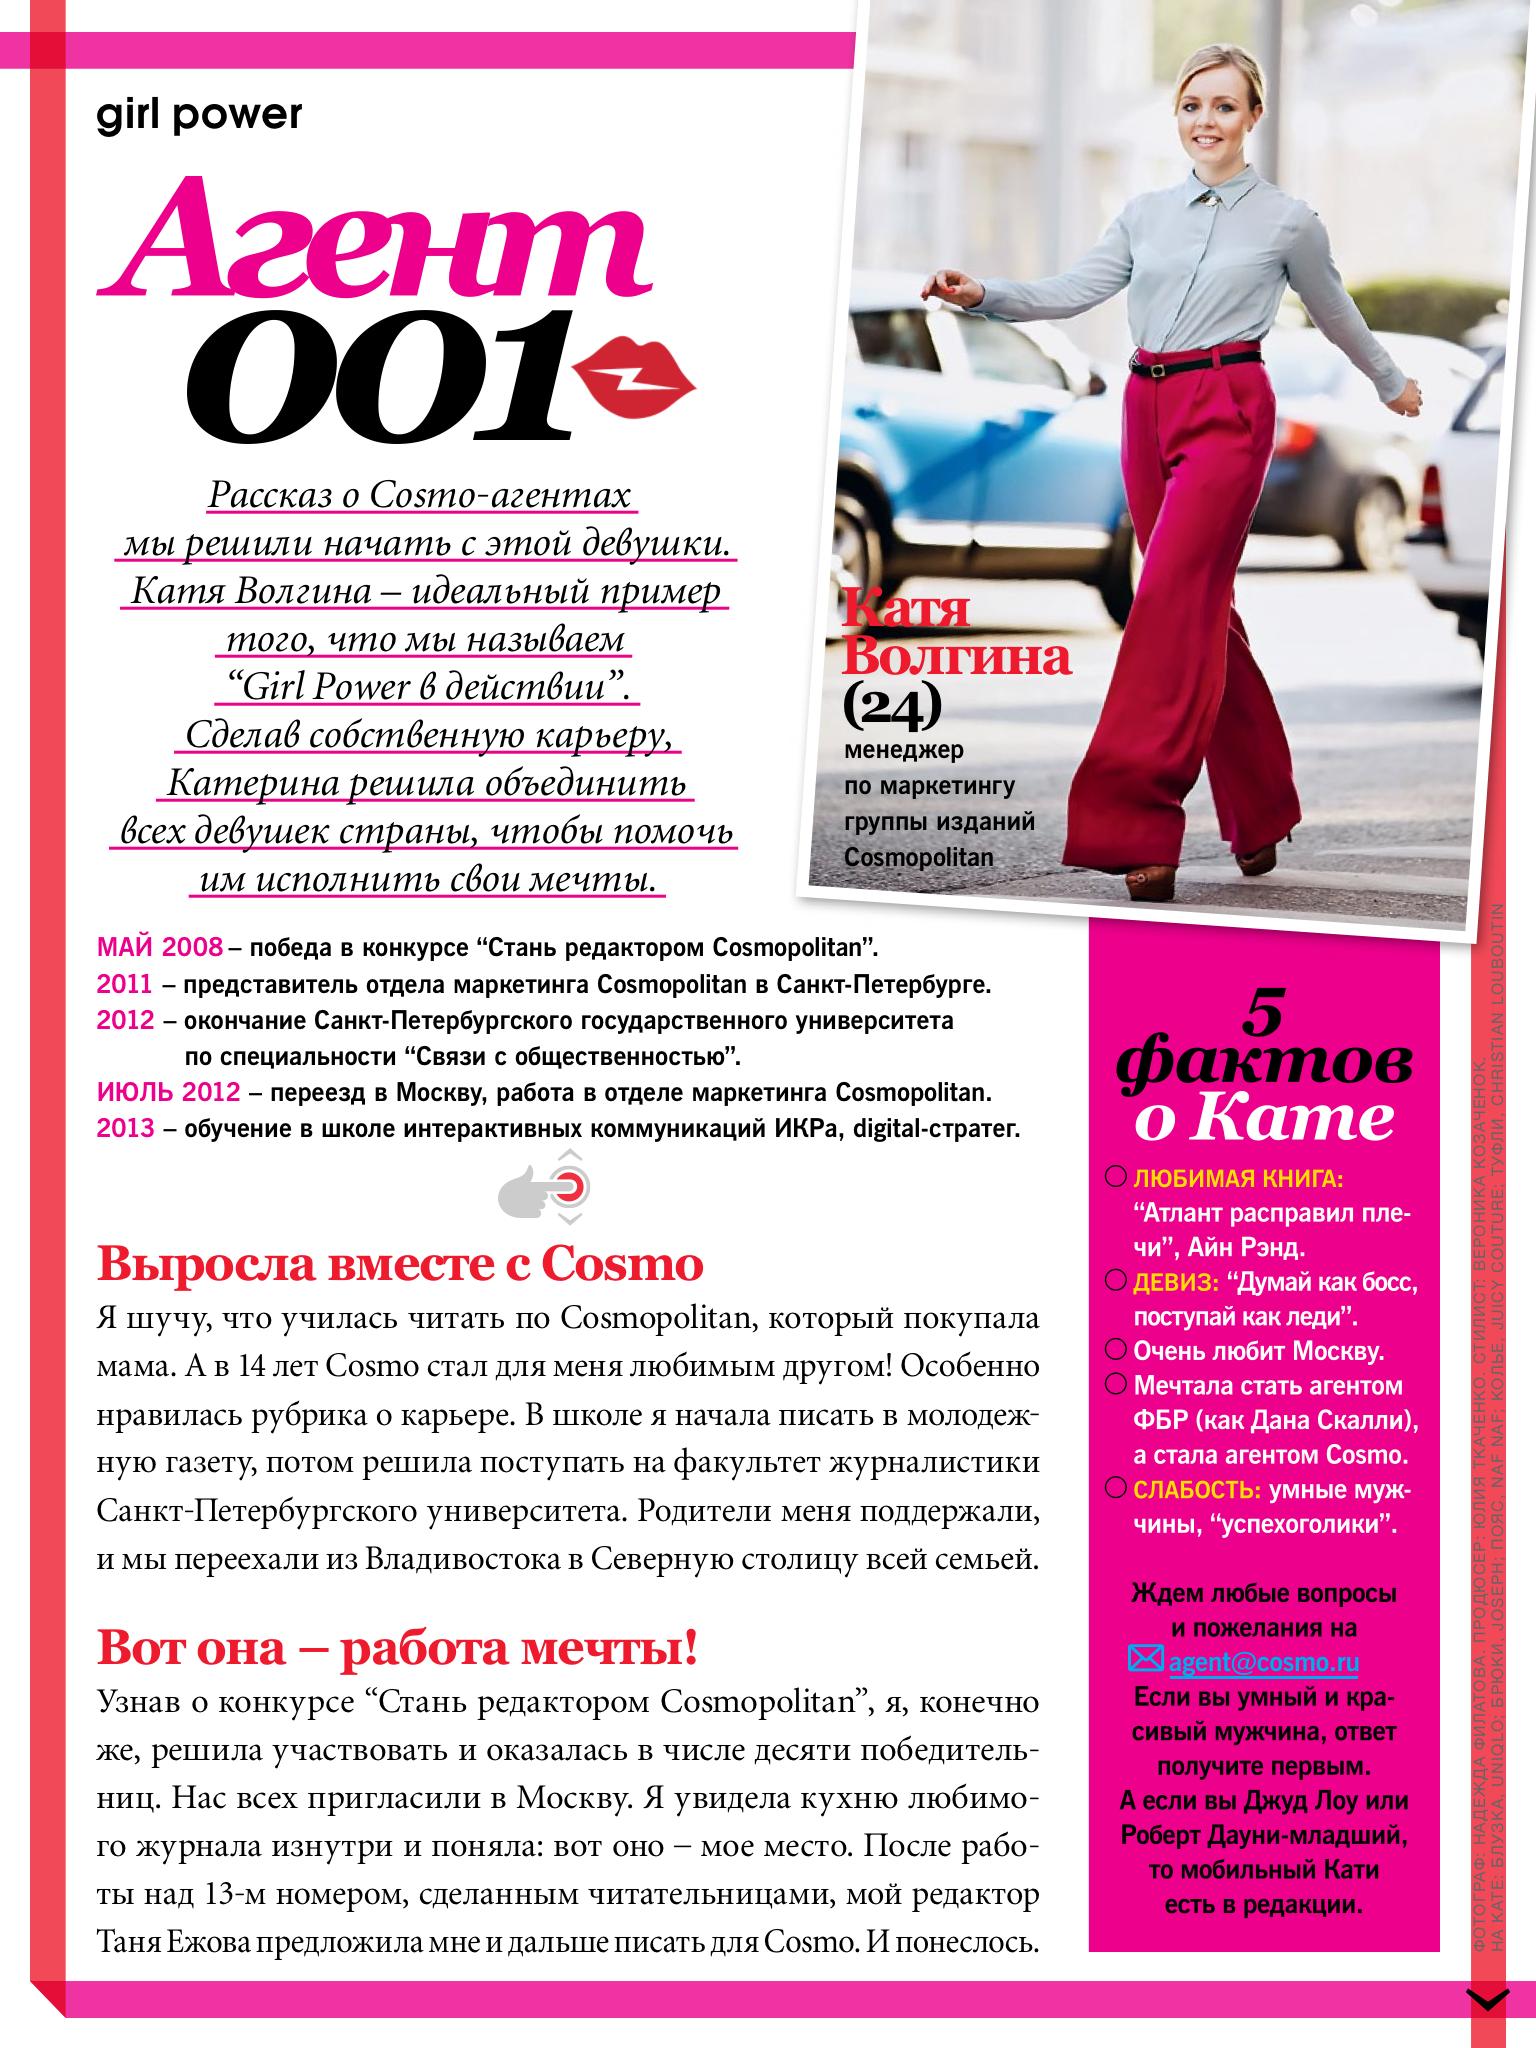 Государственная работа в москве для девушек кравцова дарья